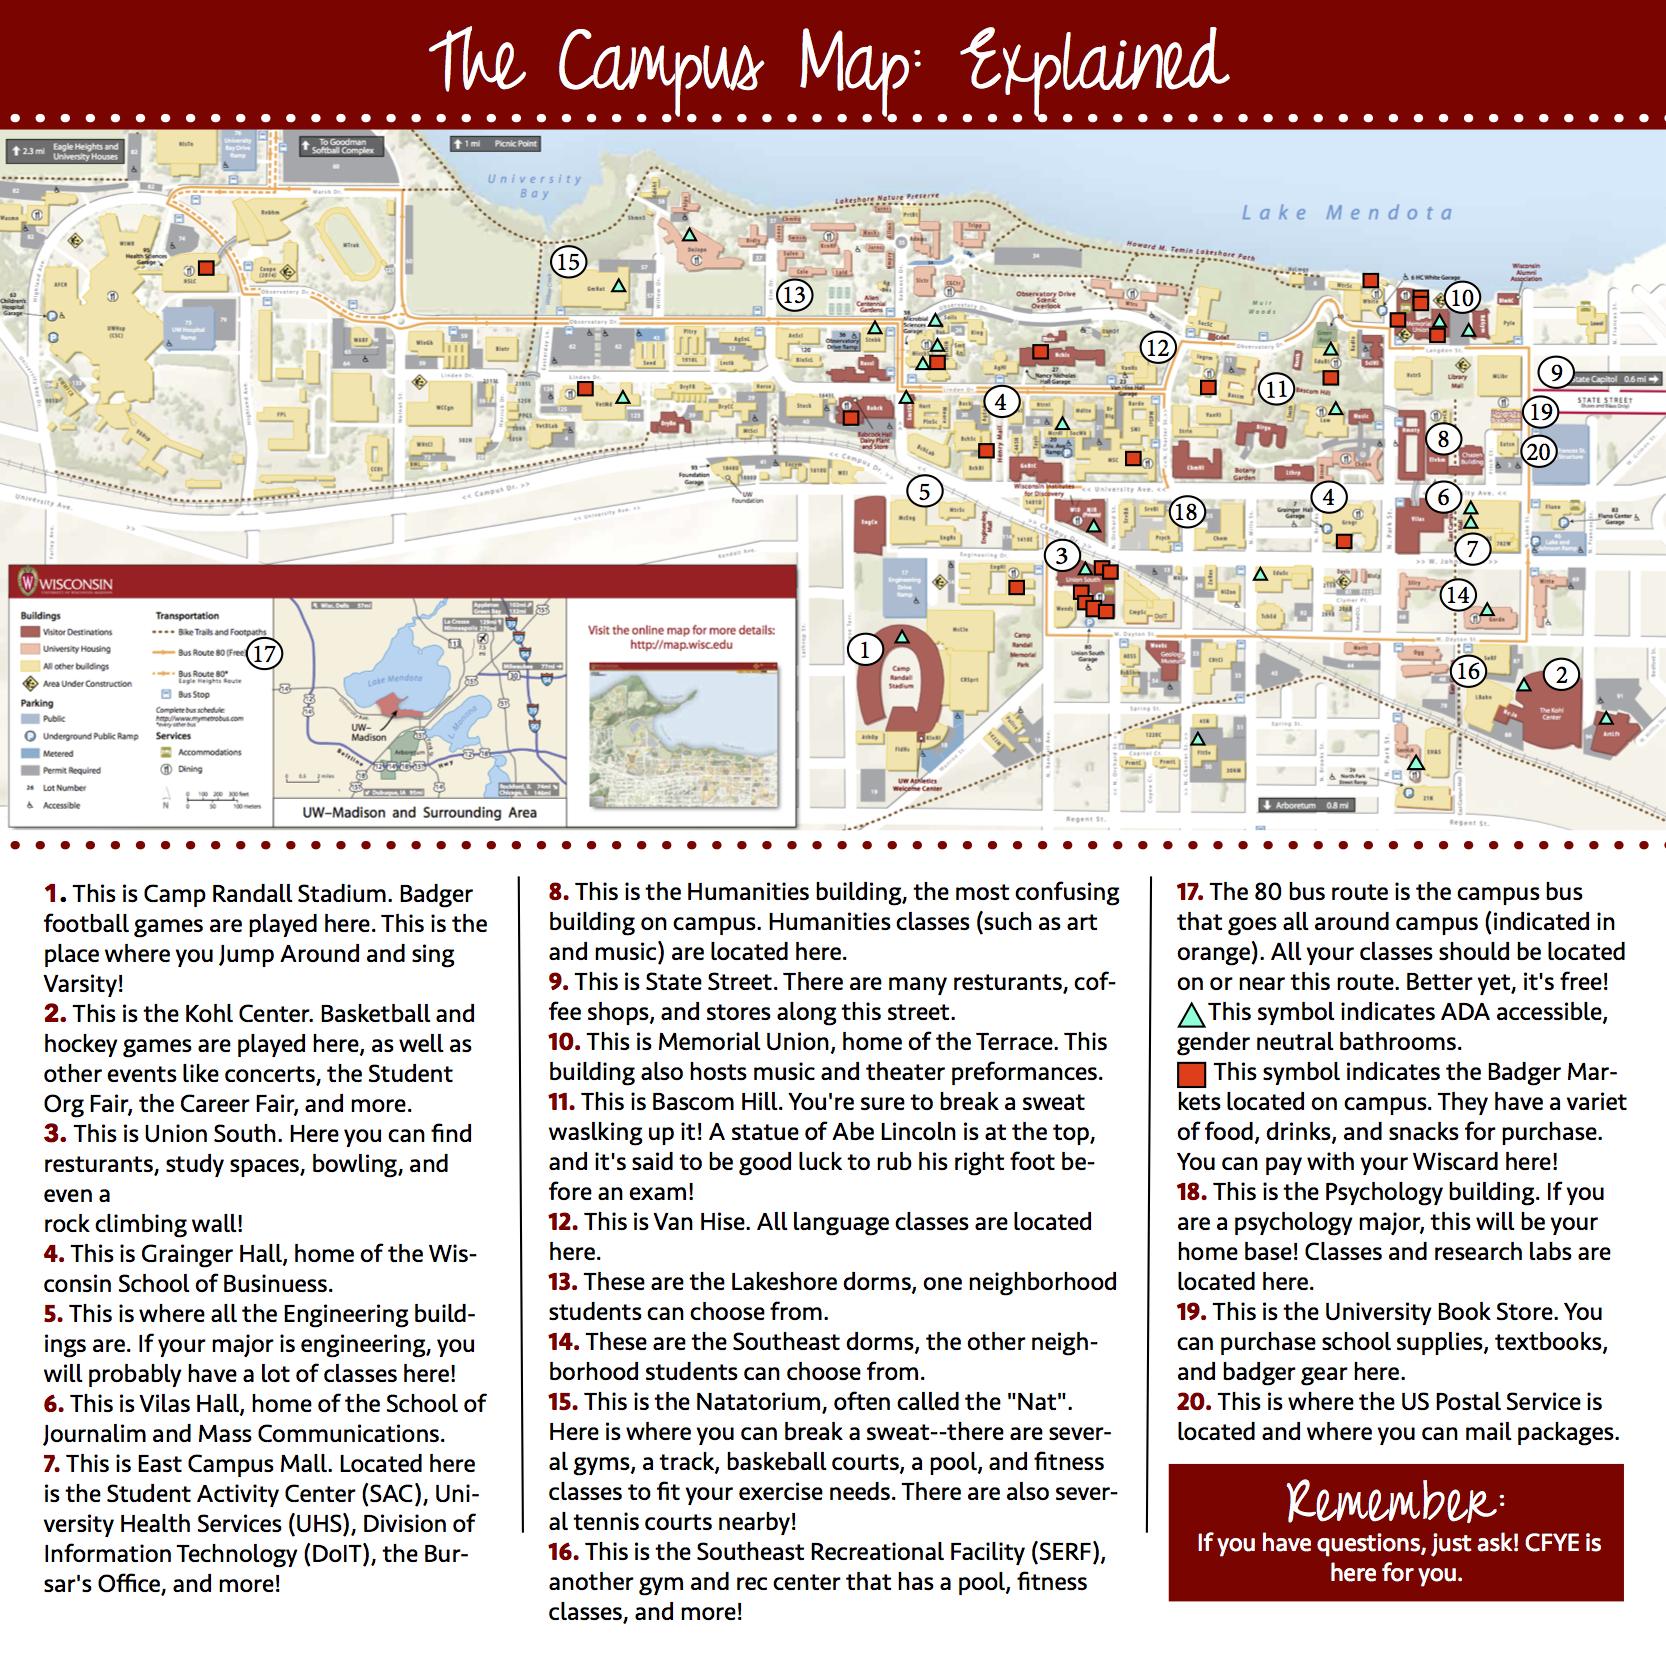 cfye-campus-map